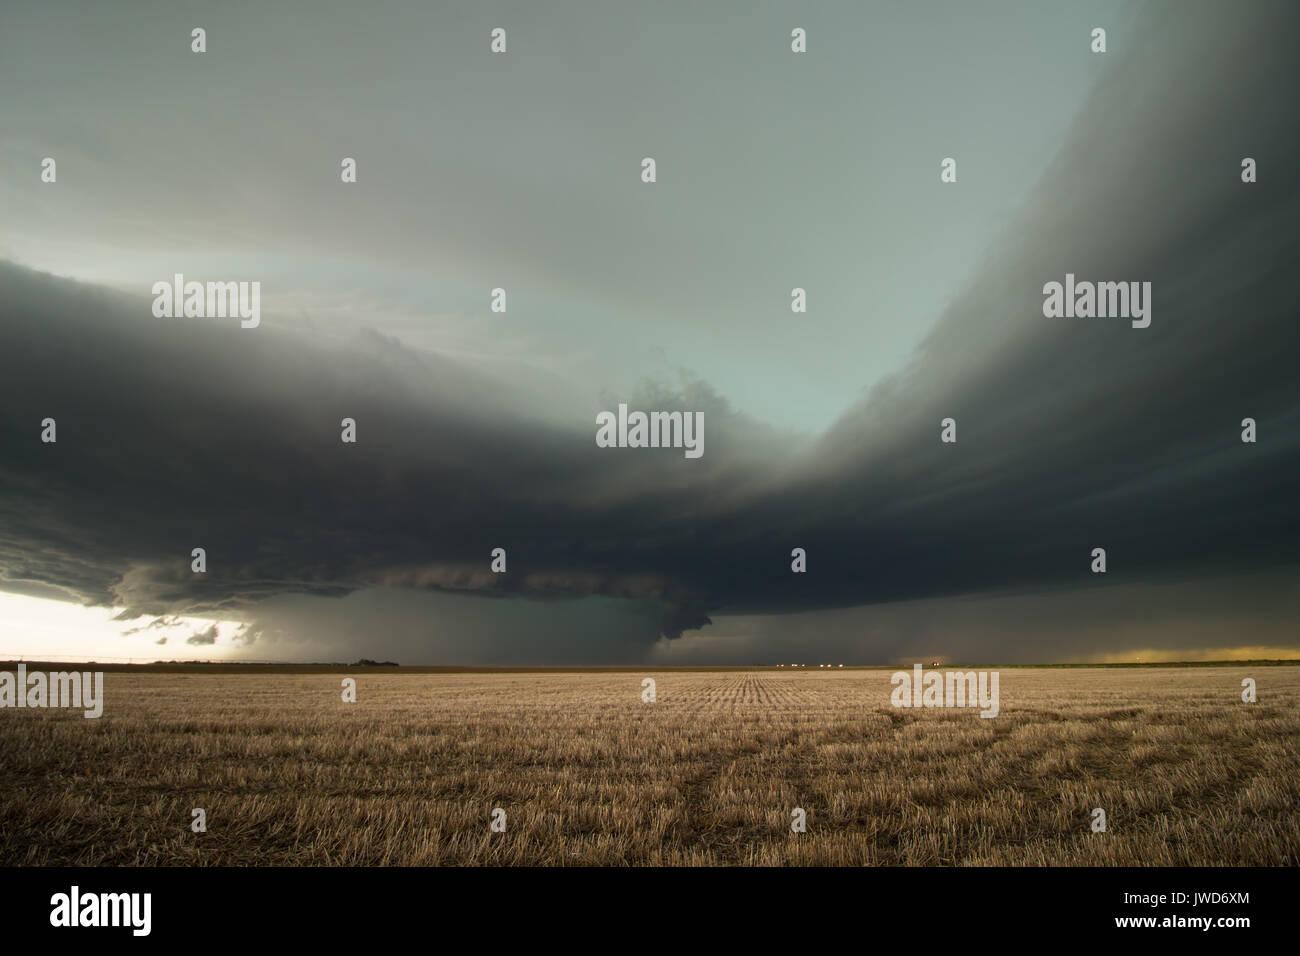 Les bandes d'entrée flux dans un orage supercellulaire orage violent dans les hautes plaines de l'est du Colorado. Photo Stock